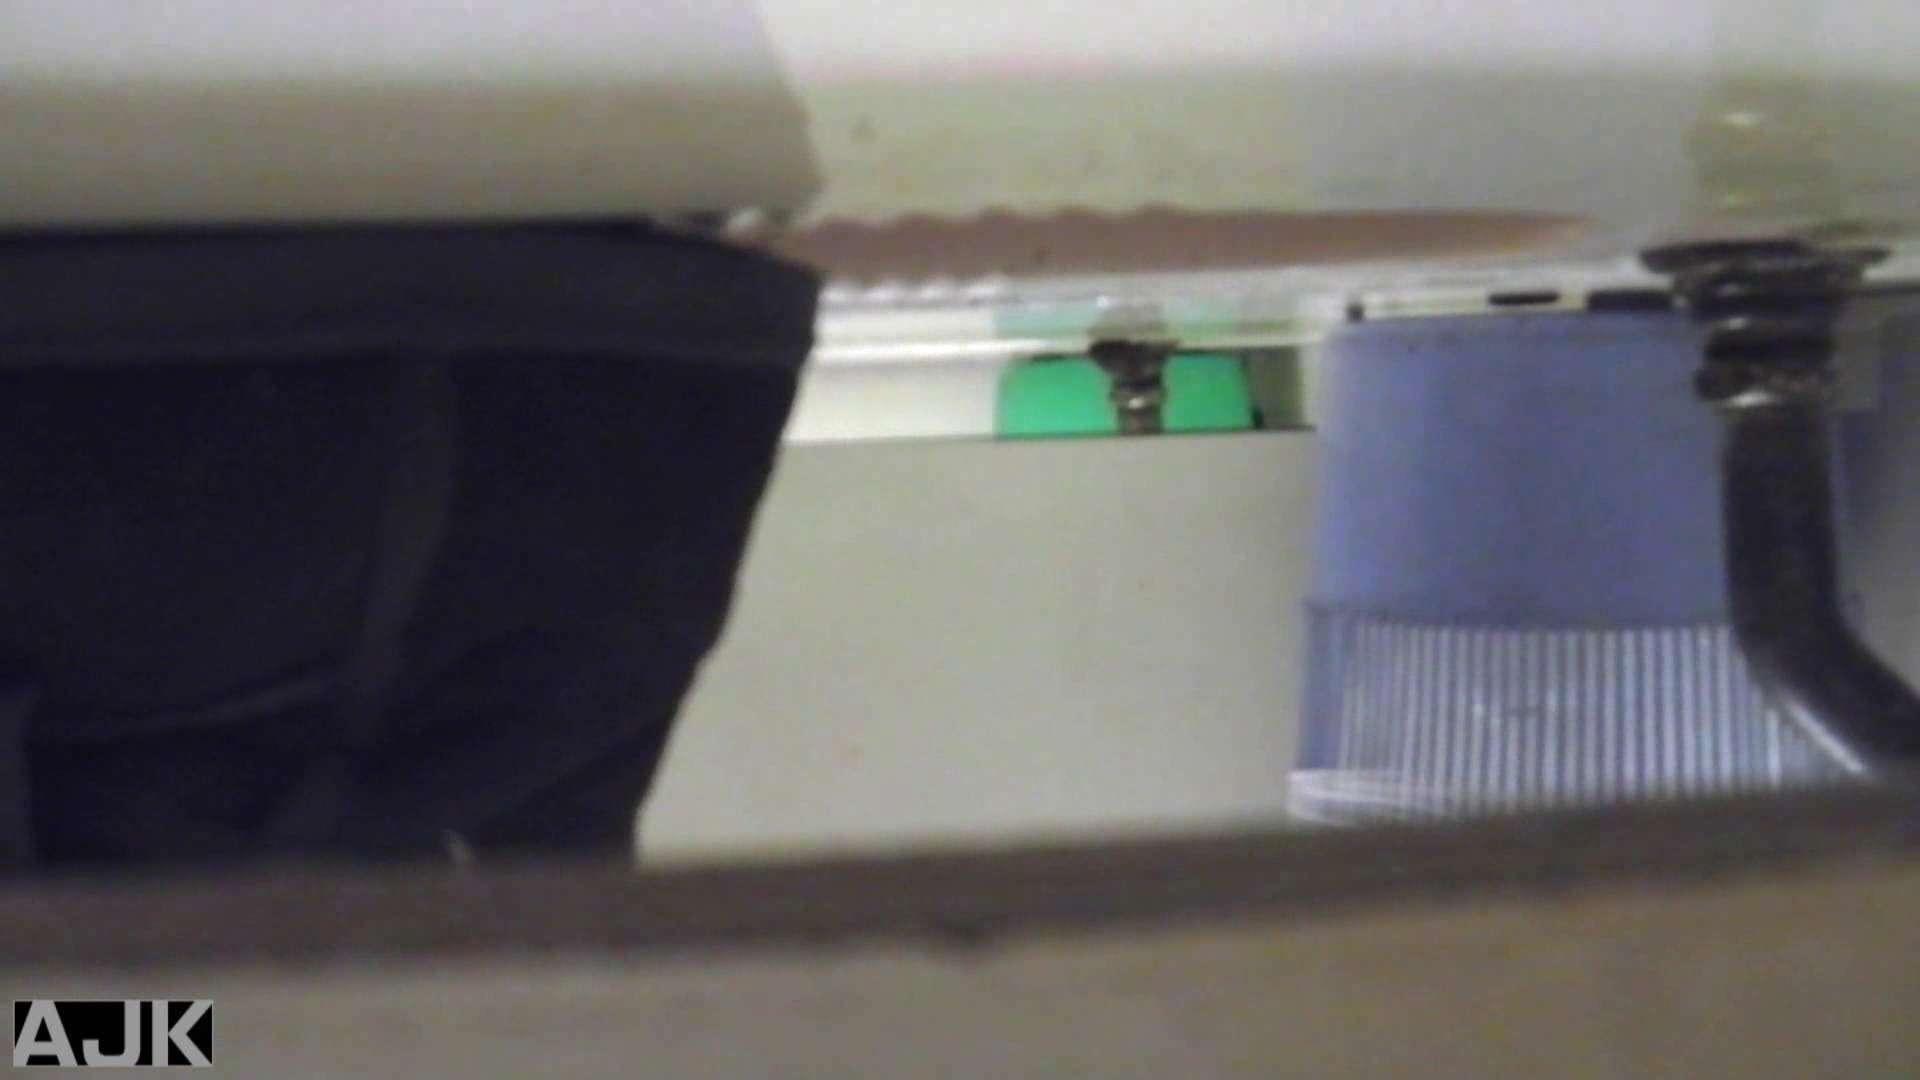 神降臨!史上最強の潜入かわや! vol.07 盗撮師作品 おまんこ無修正動画無料 94pic 59